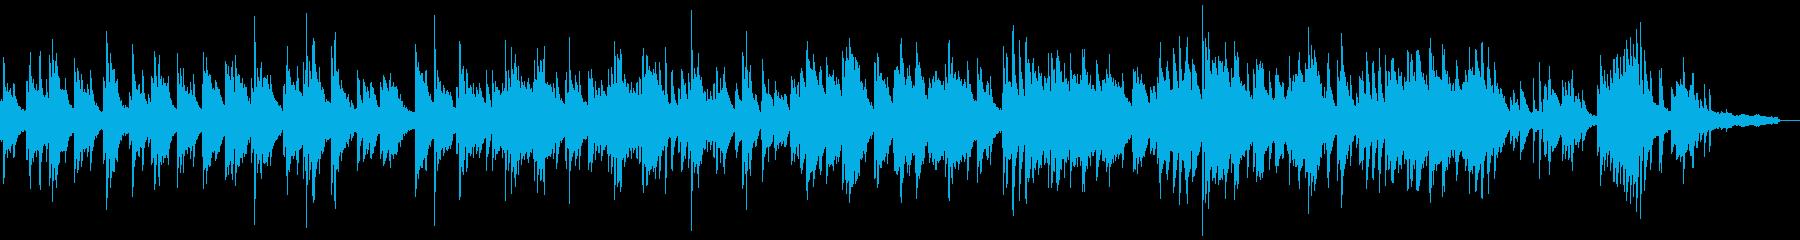 明るくセンチメンタルなピアノソロバラードの再生済みの波形